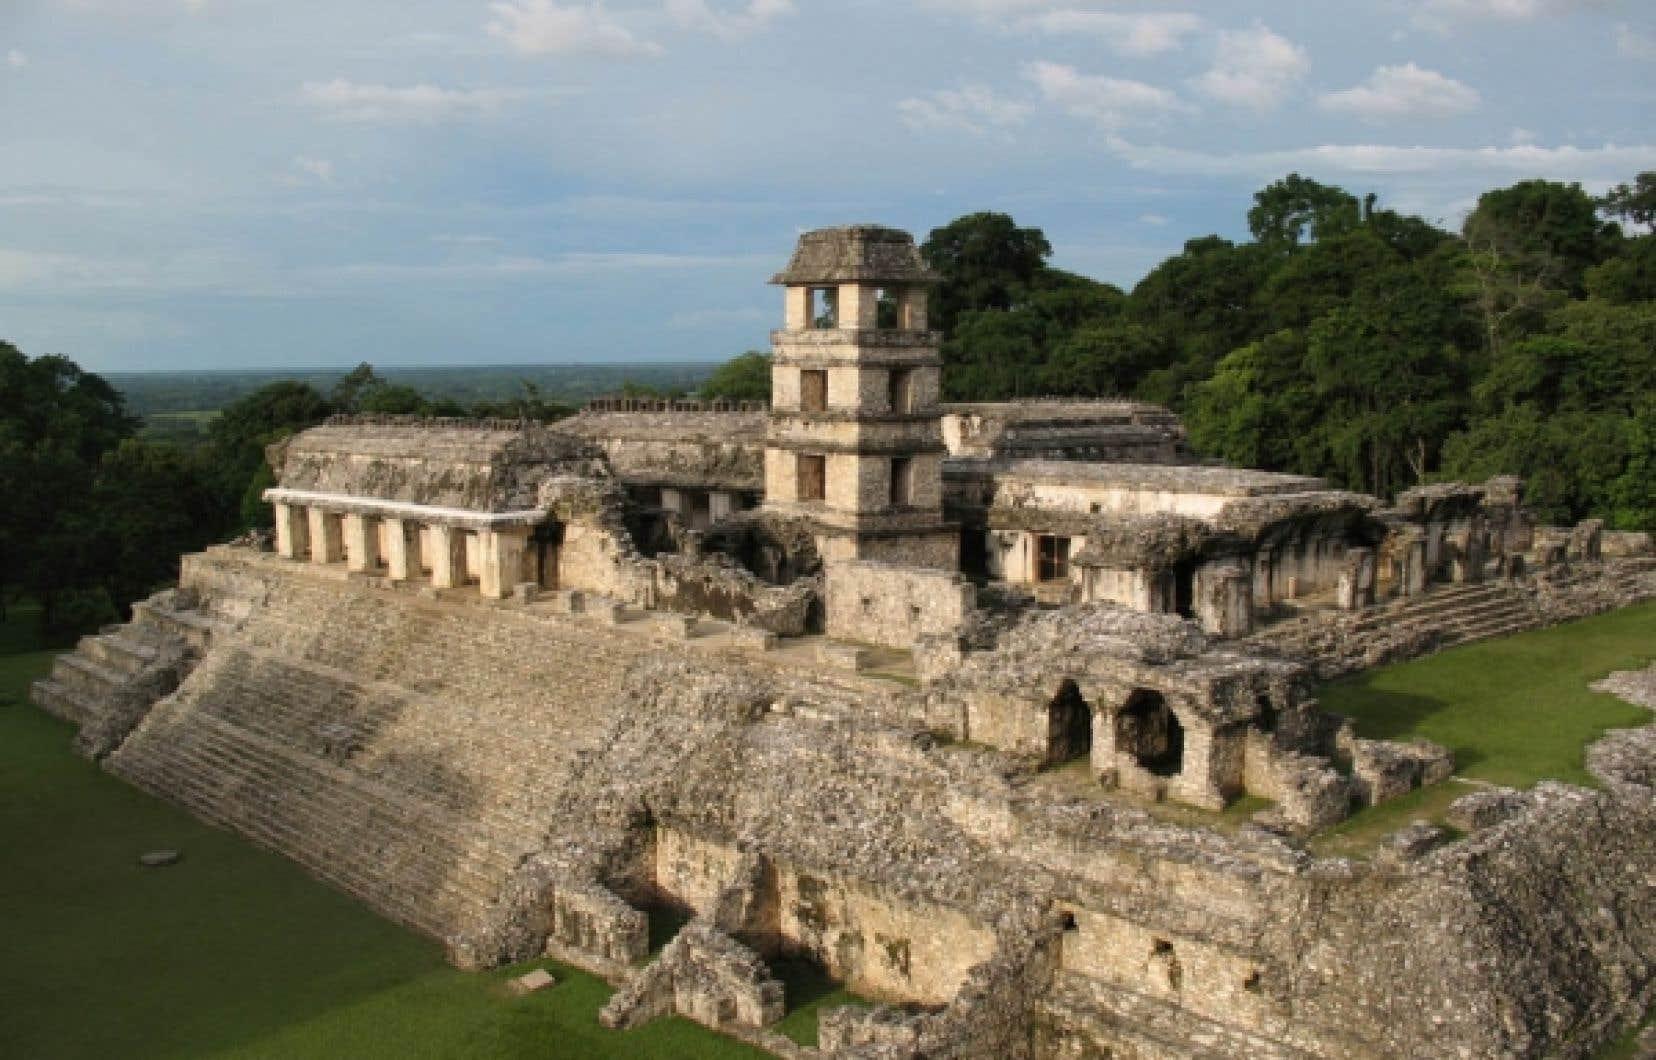 Vue du palais, site archéologique de Palenque, dans l'État du Chiapas, au Mexique. Classique récent (600-900 de notre ère).<br />